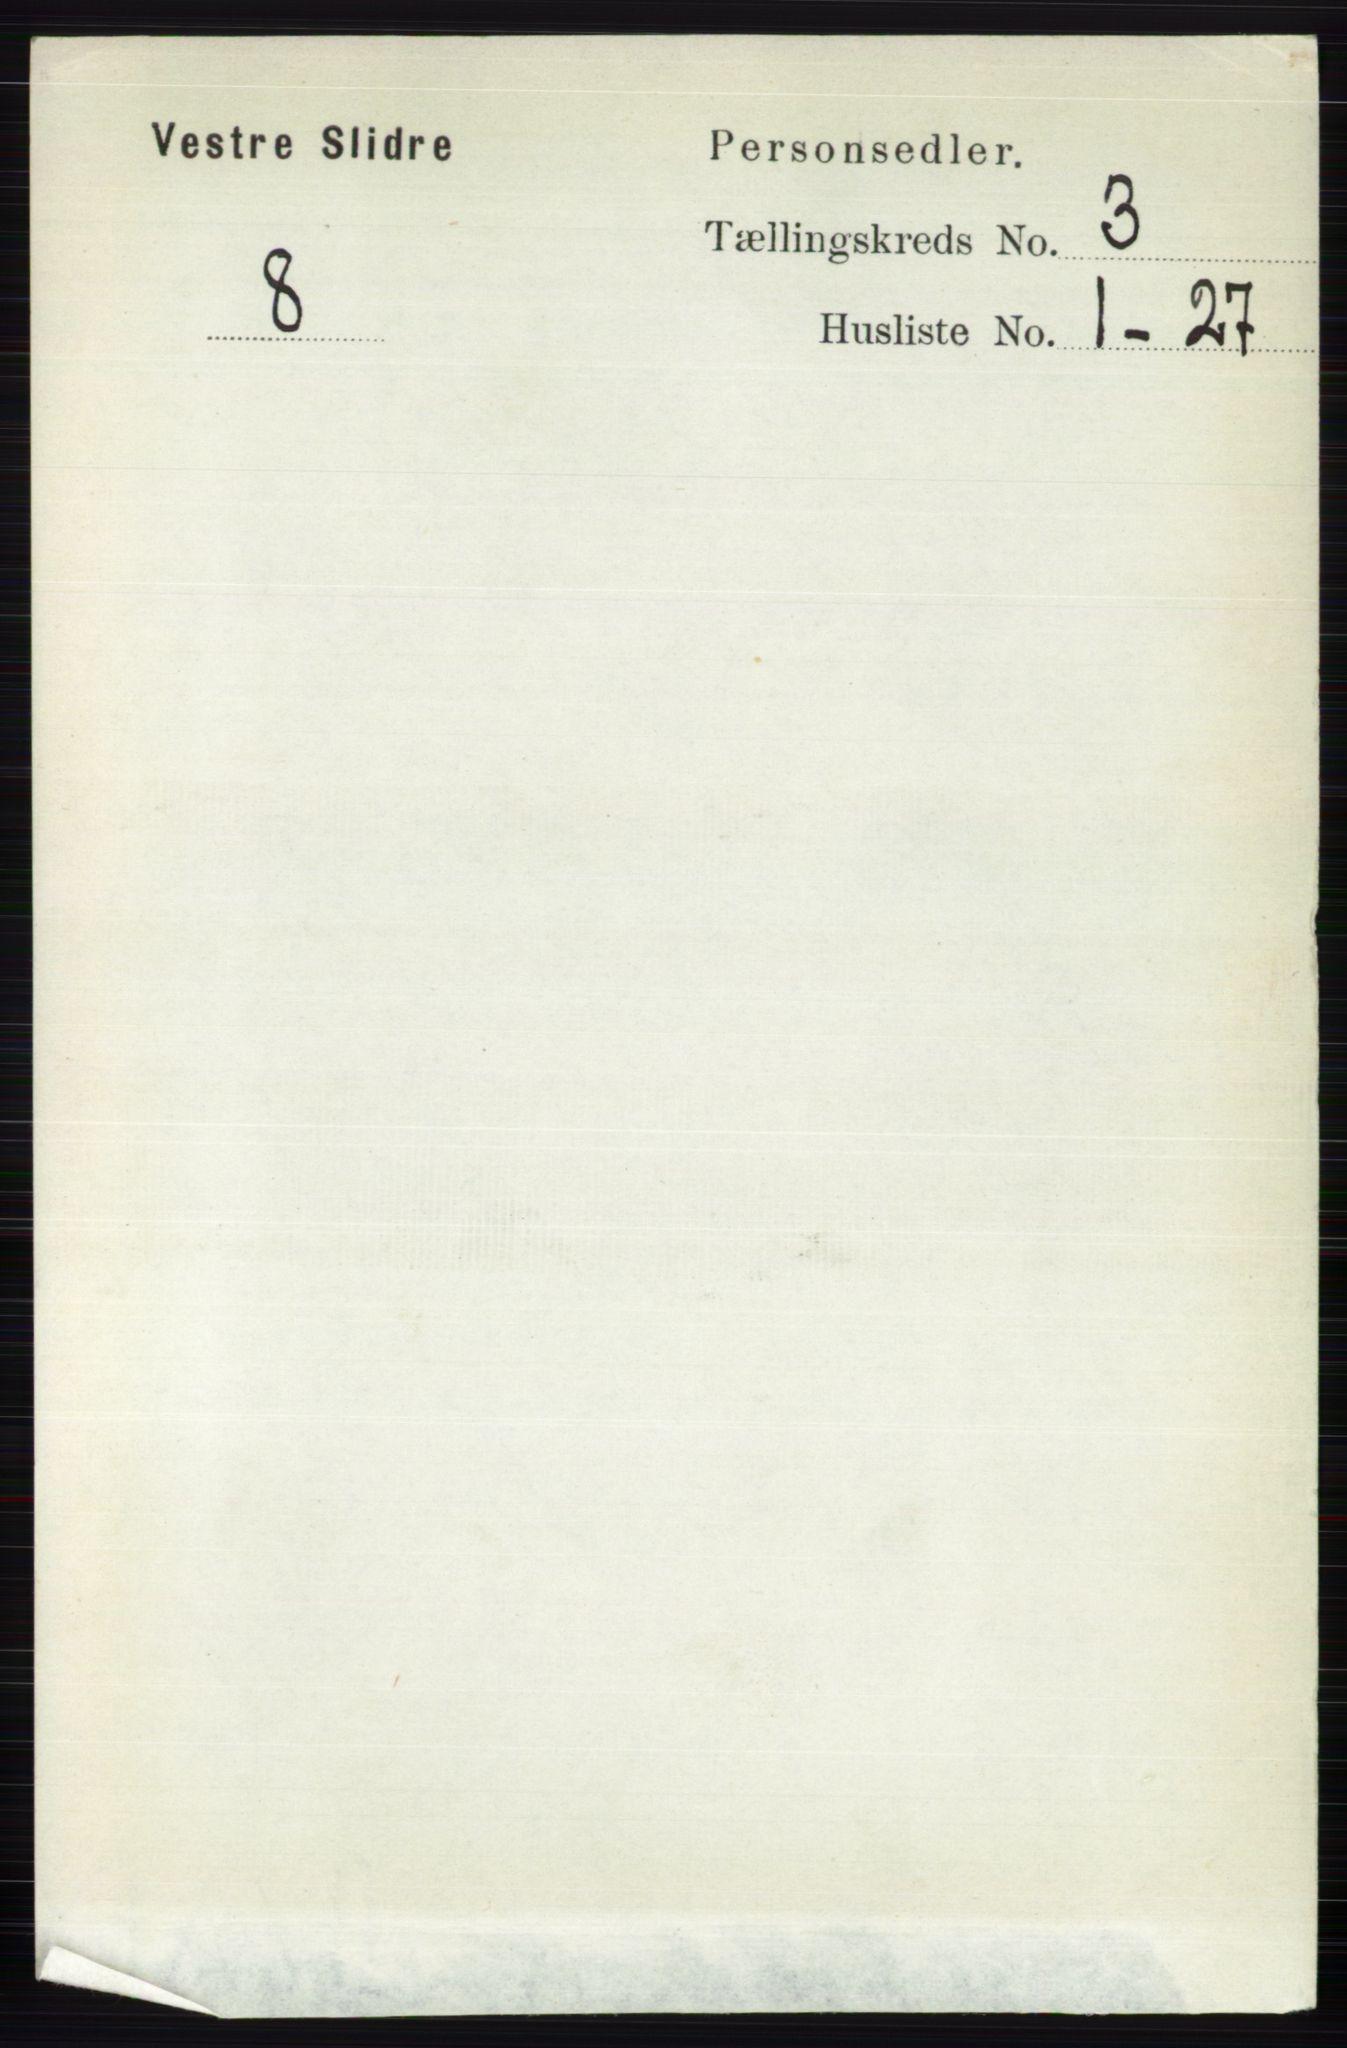 RA, Folketelling 1891 for 0543 Vestre Slidre herred, 1891, s. 821